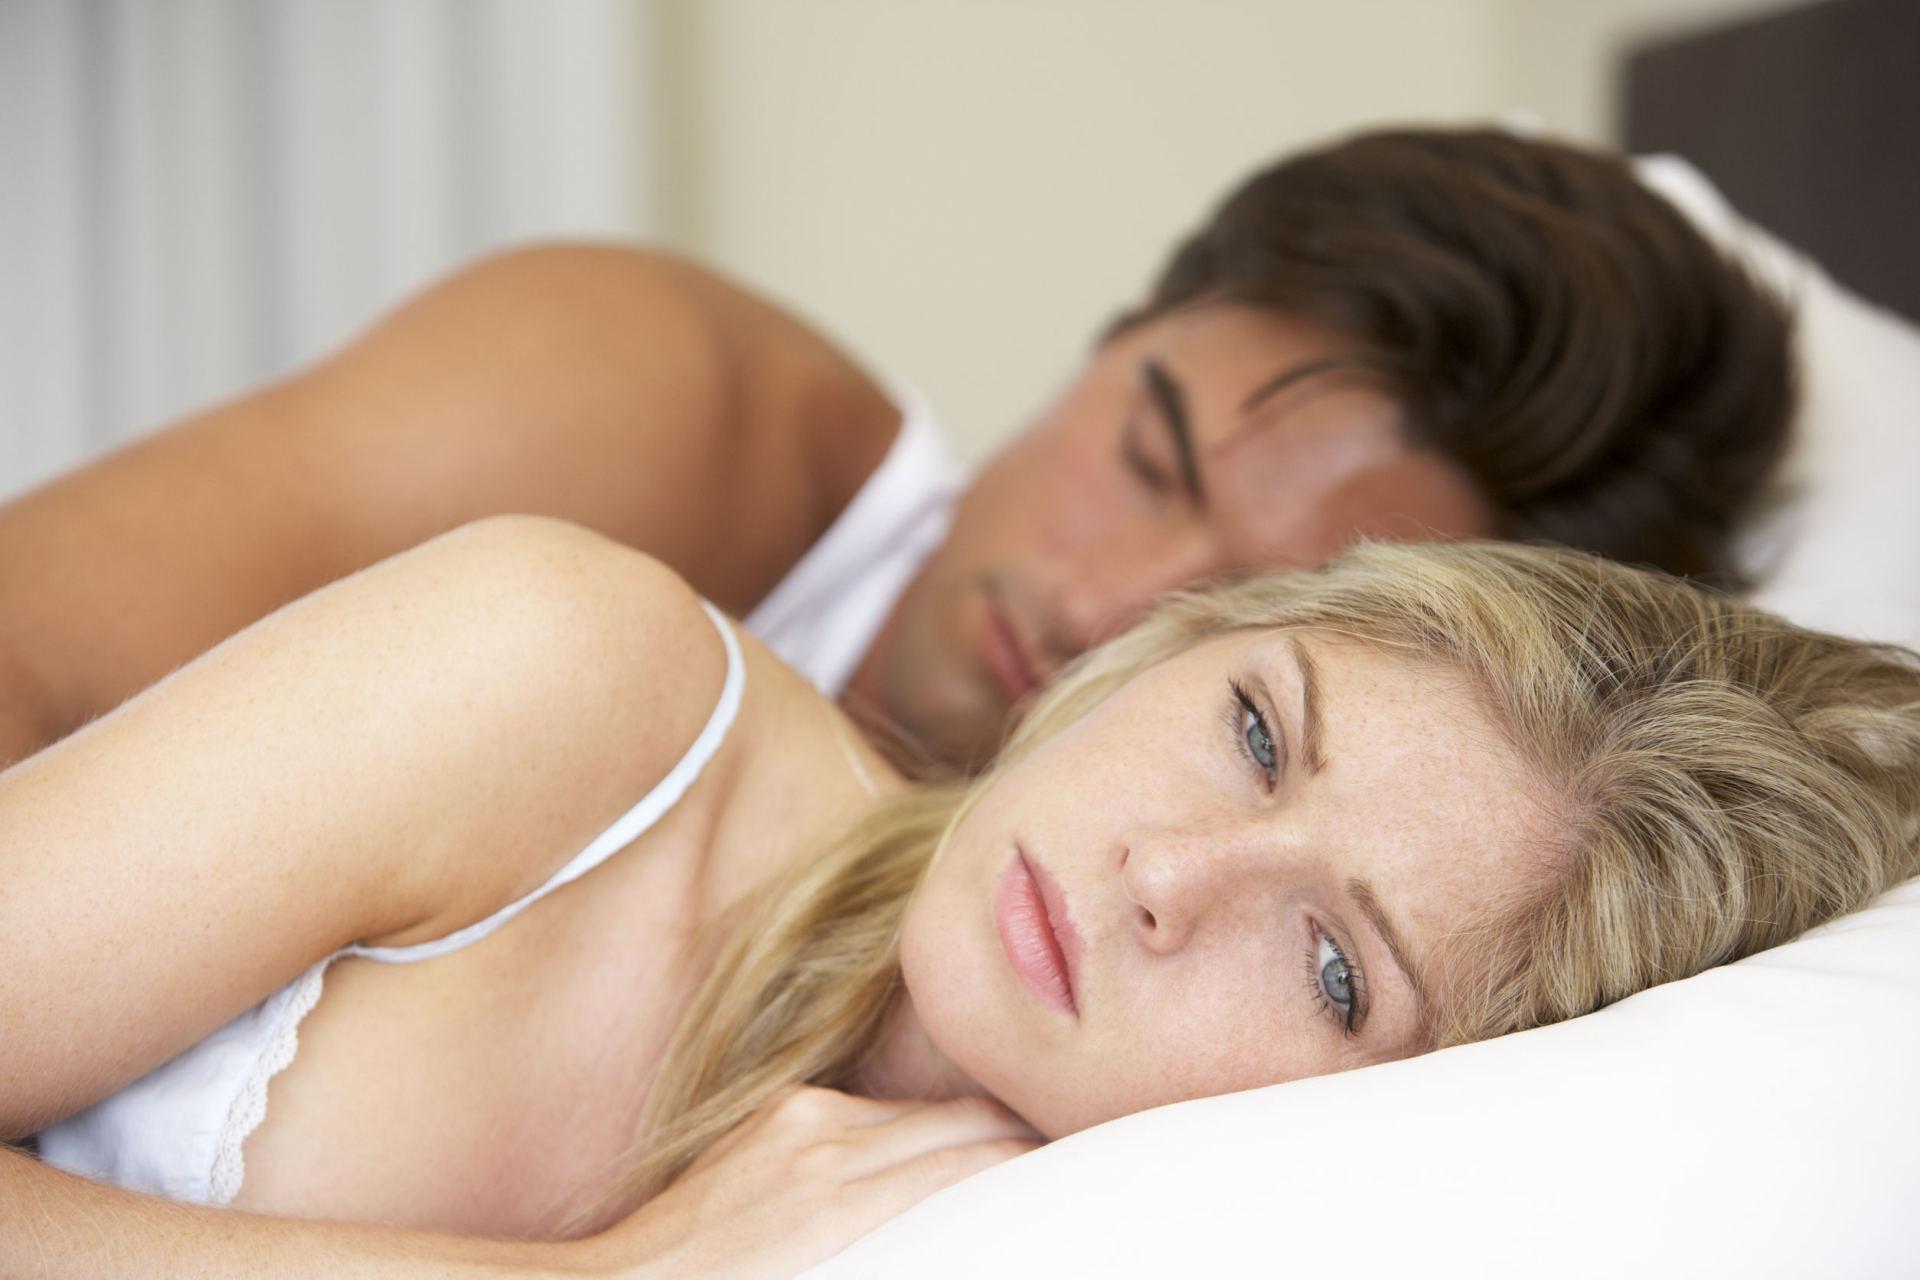 kaip gydyti nepilną erekciją kodėl varpa tampa violetinė